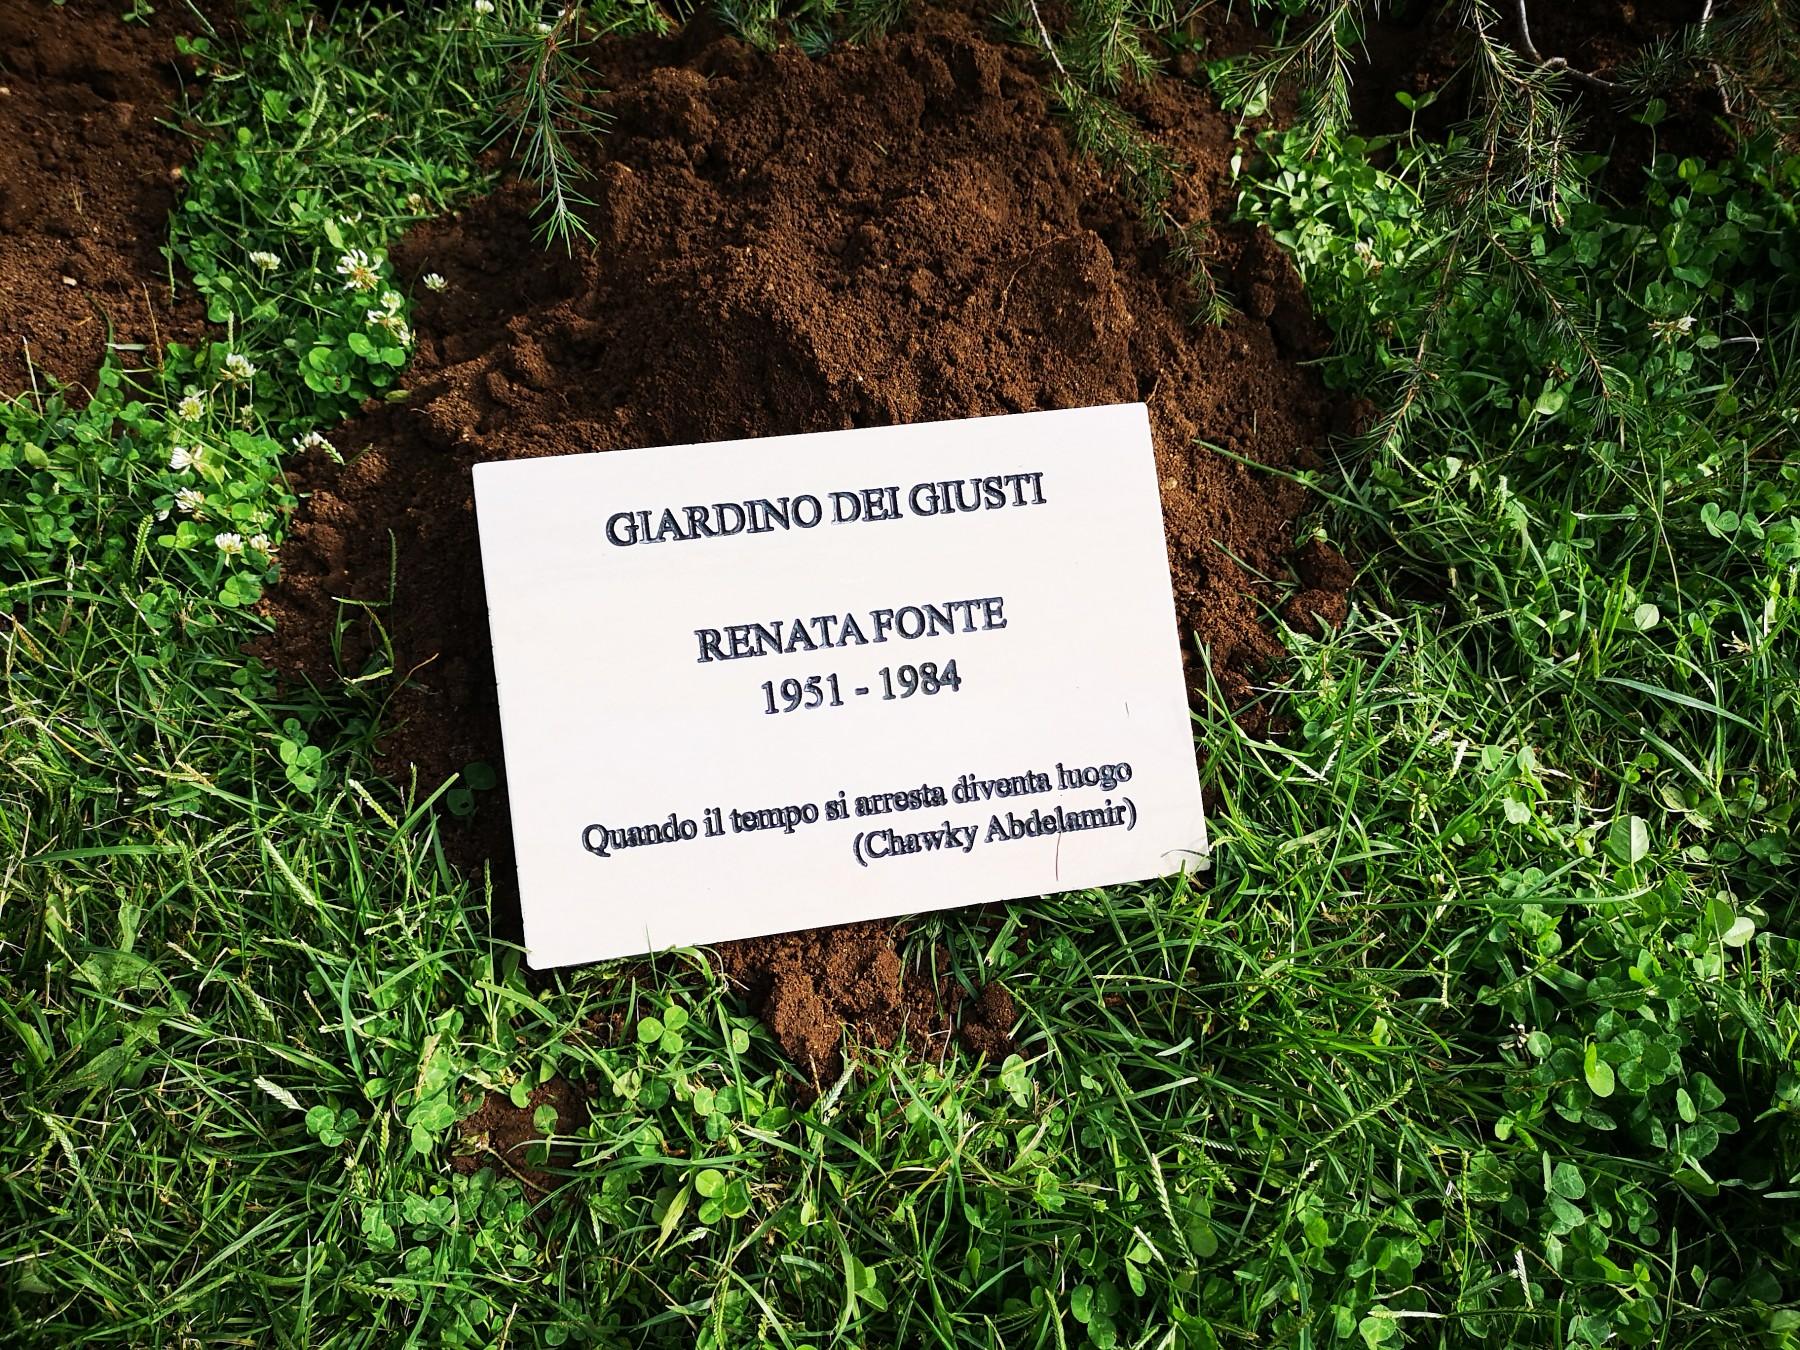 Ai piedi dell'Albero dei Giusti la dedica a Renata Fonte